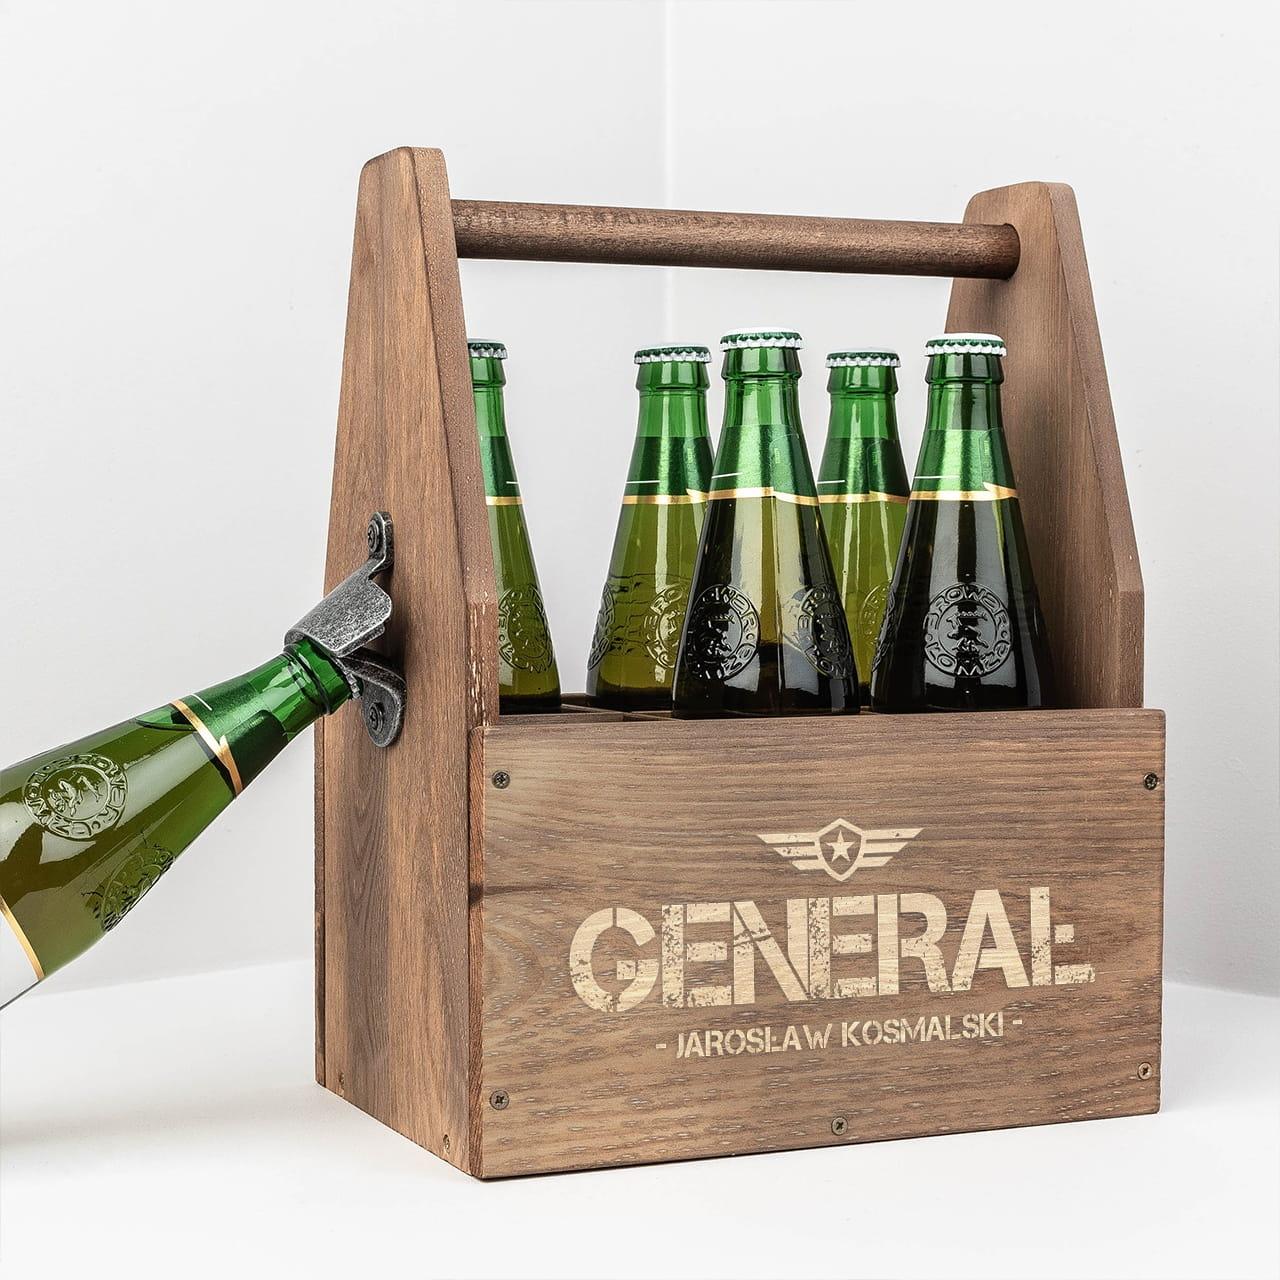 Nosidło na piwo to oryginalny prezent dla żołnierza